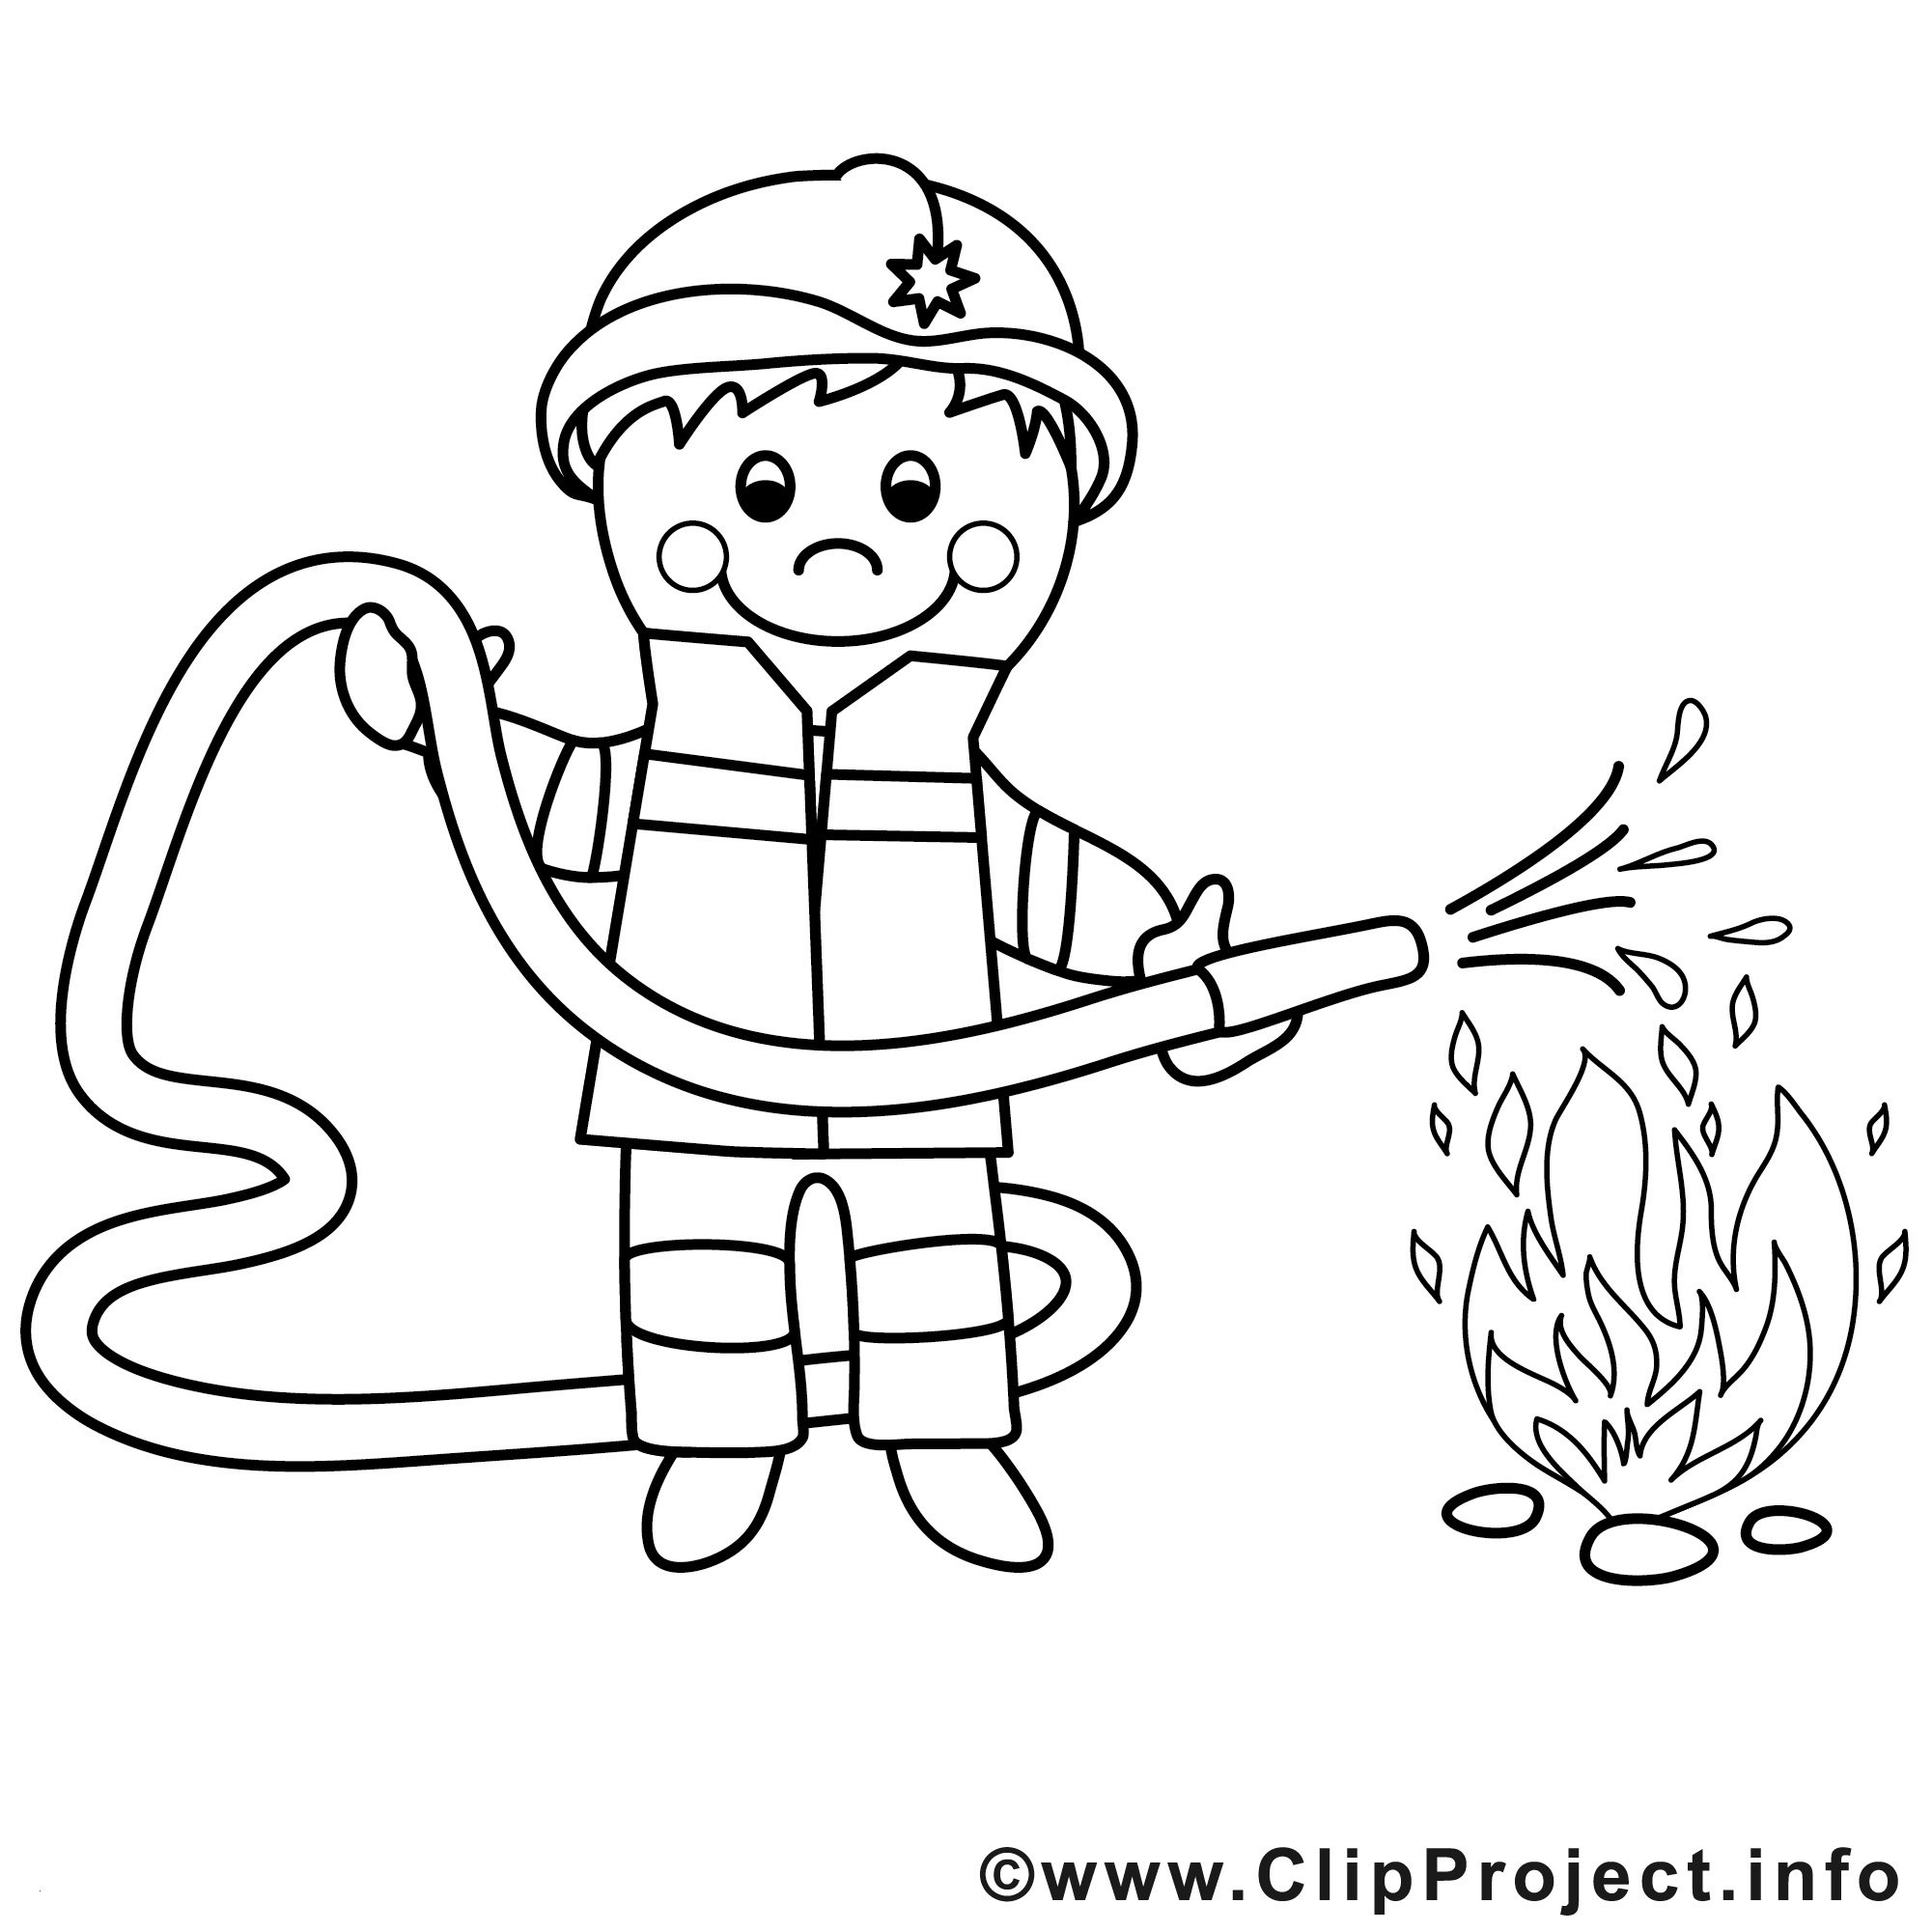 Feuerwehrmann Sam Bilder Drucken Neu Bayern Ausmalbilder Frisch Igel Grundschule 0d Archives Inspirierend Das Bild